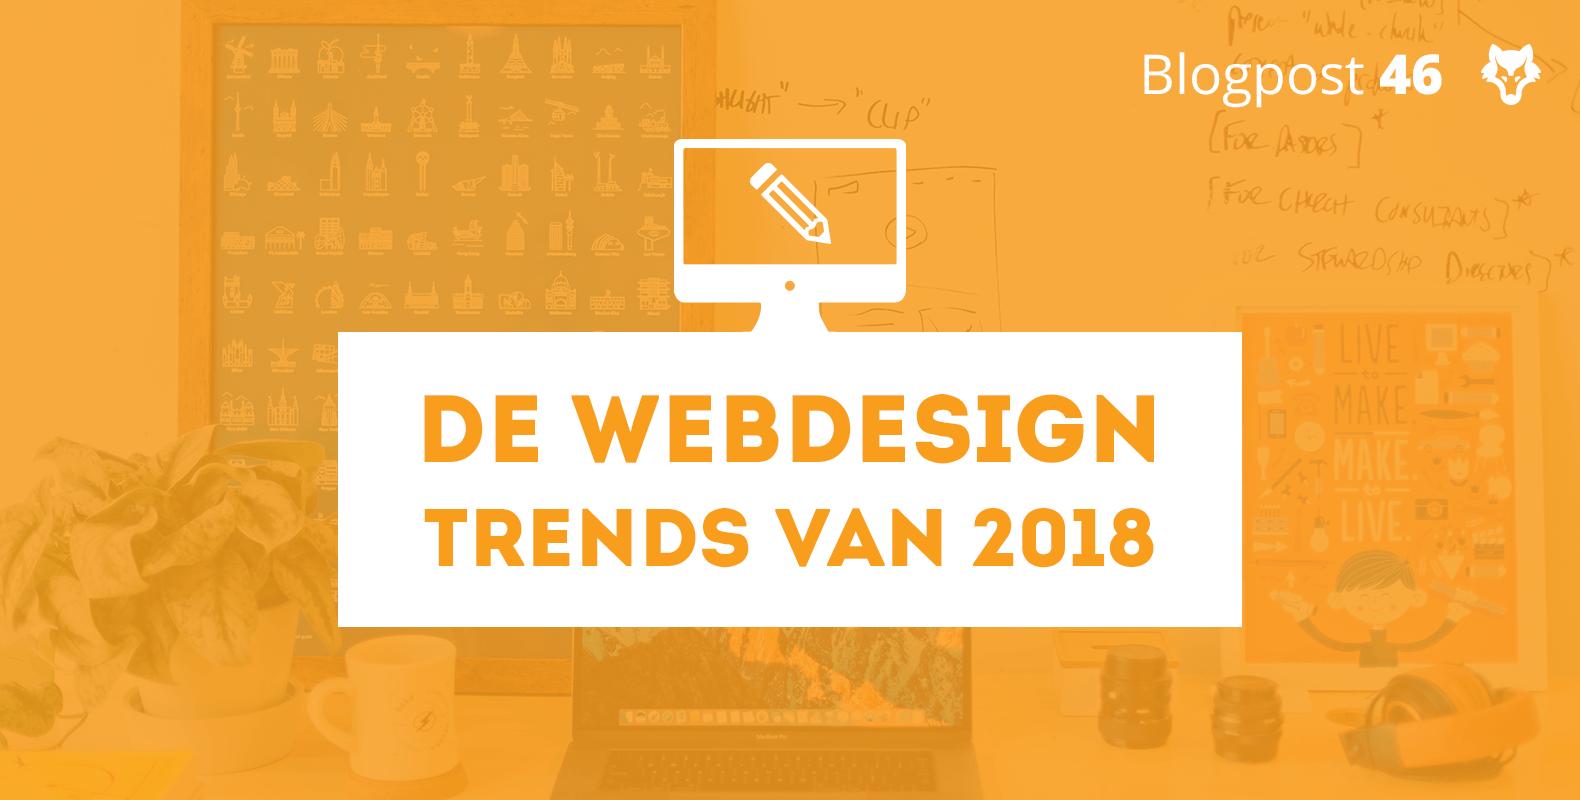 Dit zijn de webdesign trends van 2018